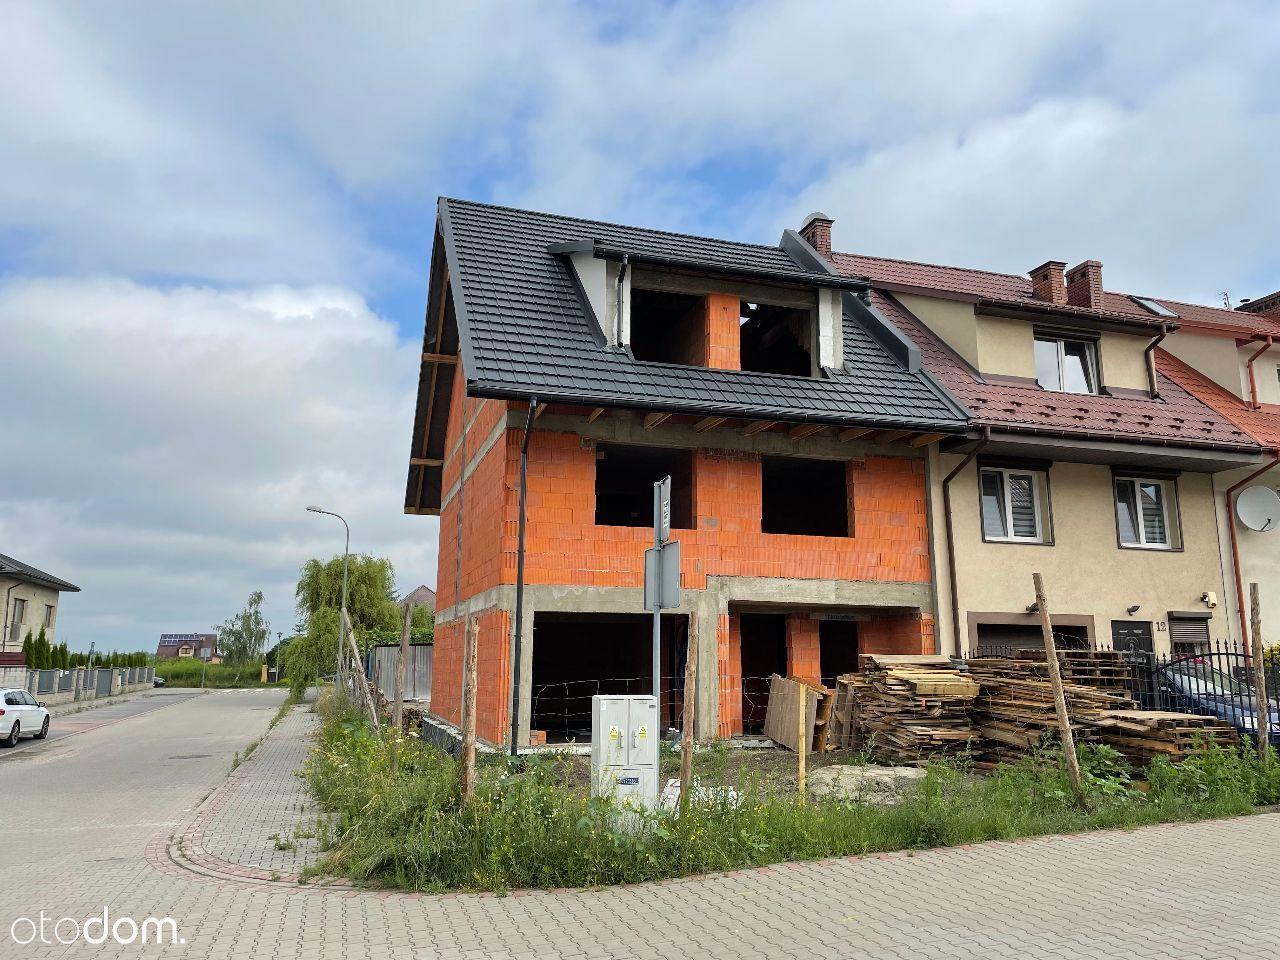 Dom szeregowy z ogródkiem - Dawidy Bankowe.